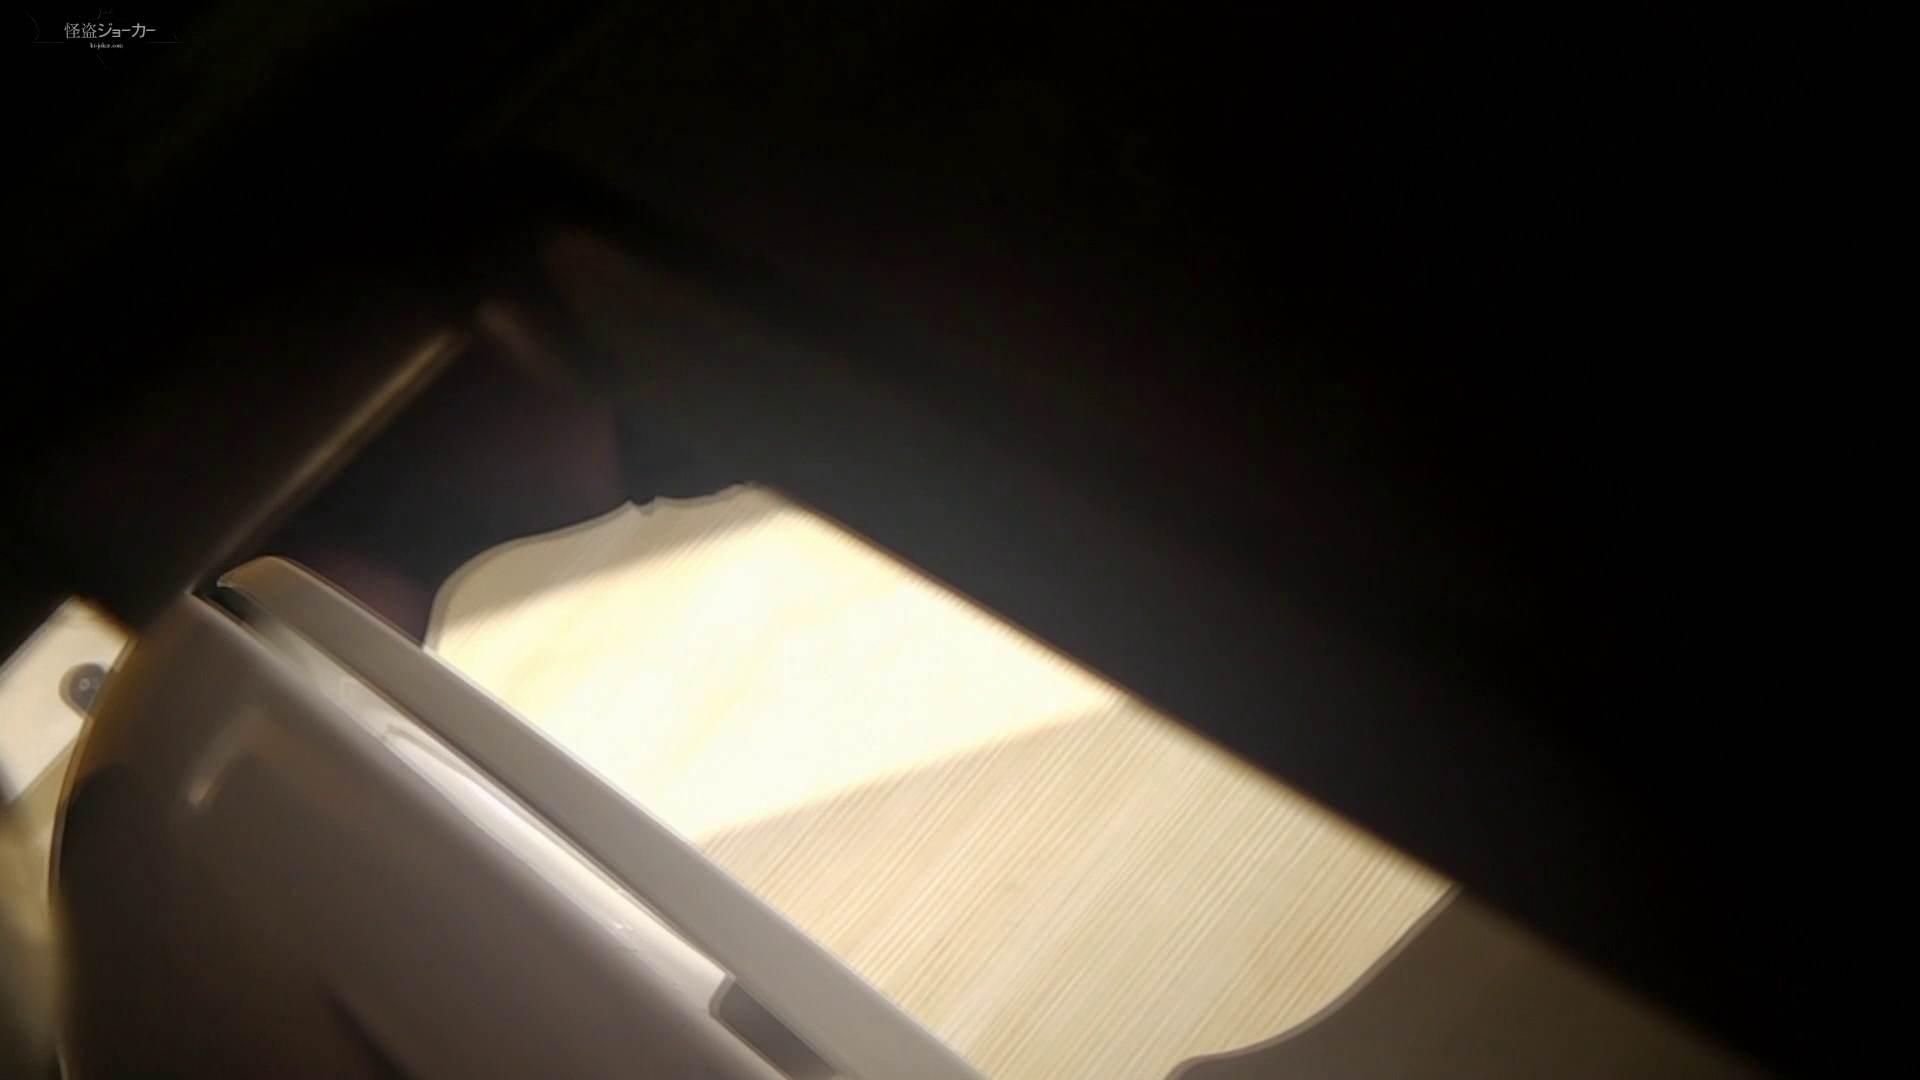 阿国ちゃんの和式洋式七変化 Vol.25 ん?突起物が・・・。 丸見えマンコ | 和式  96画像 94